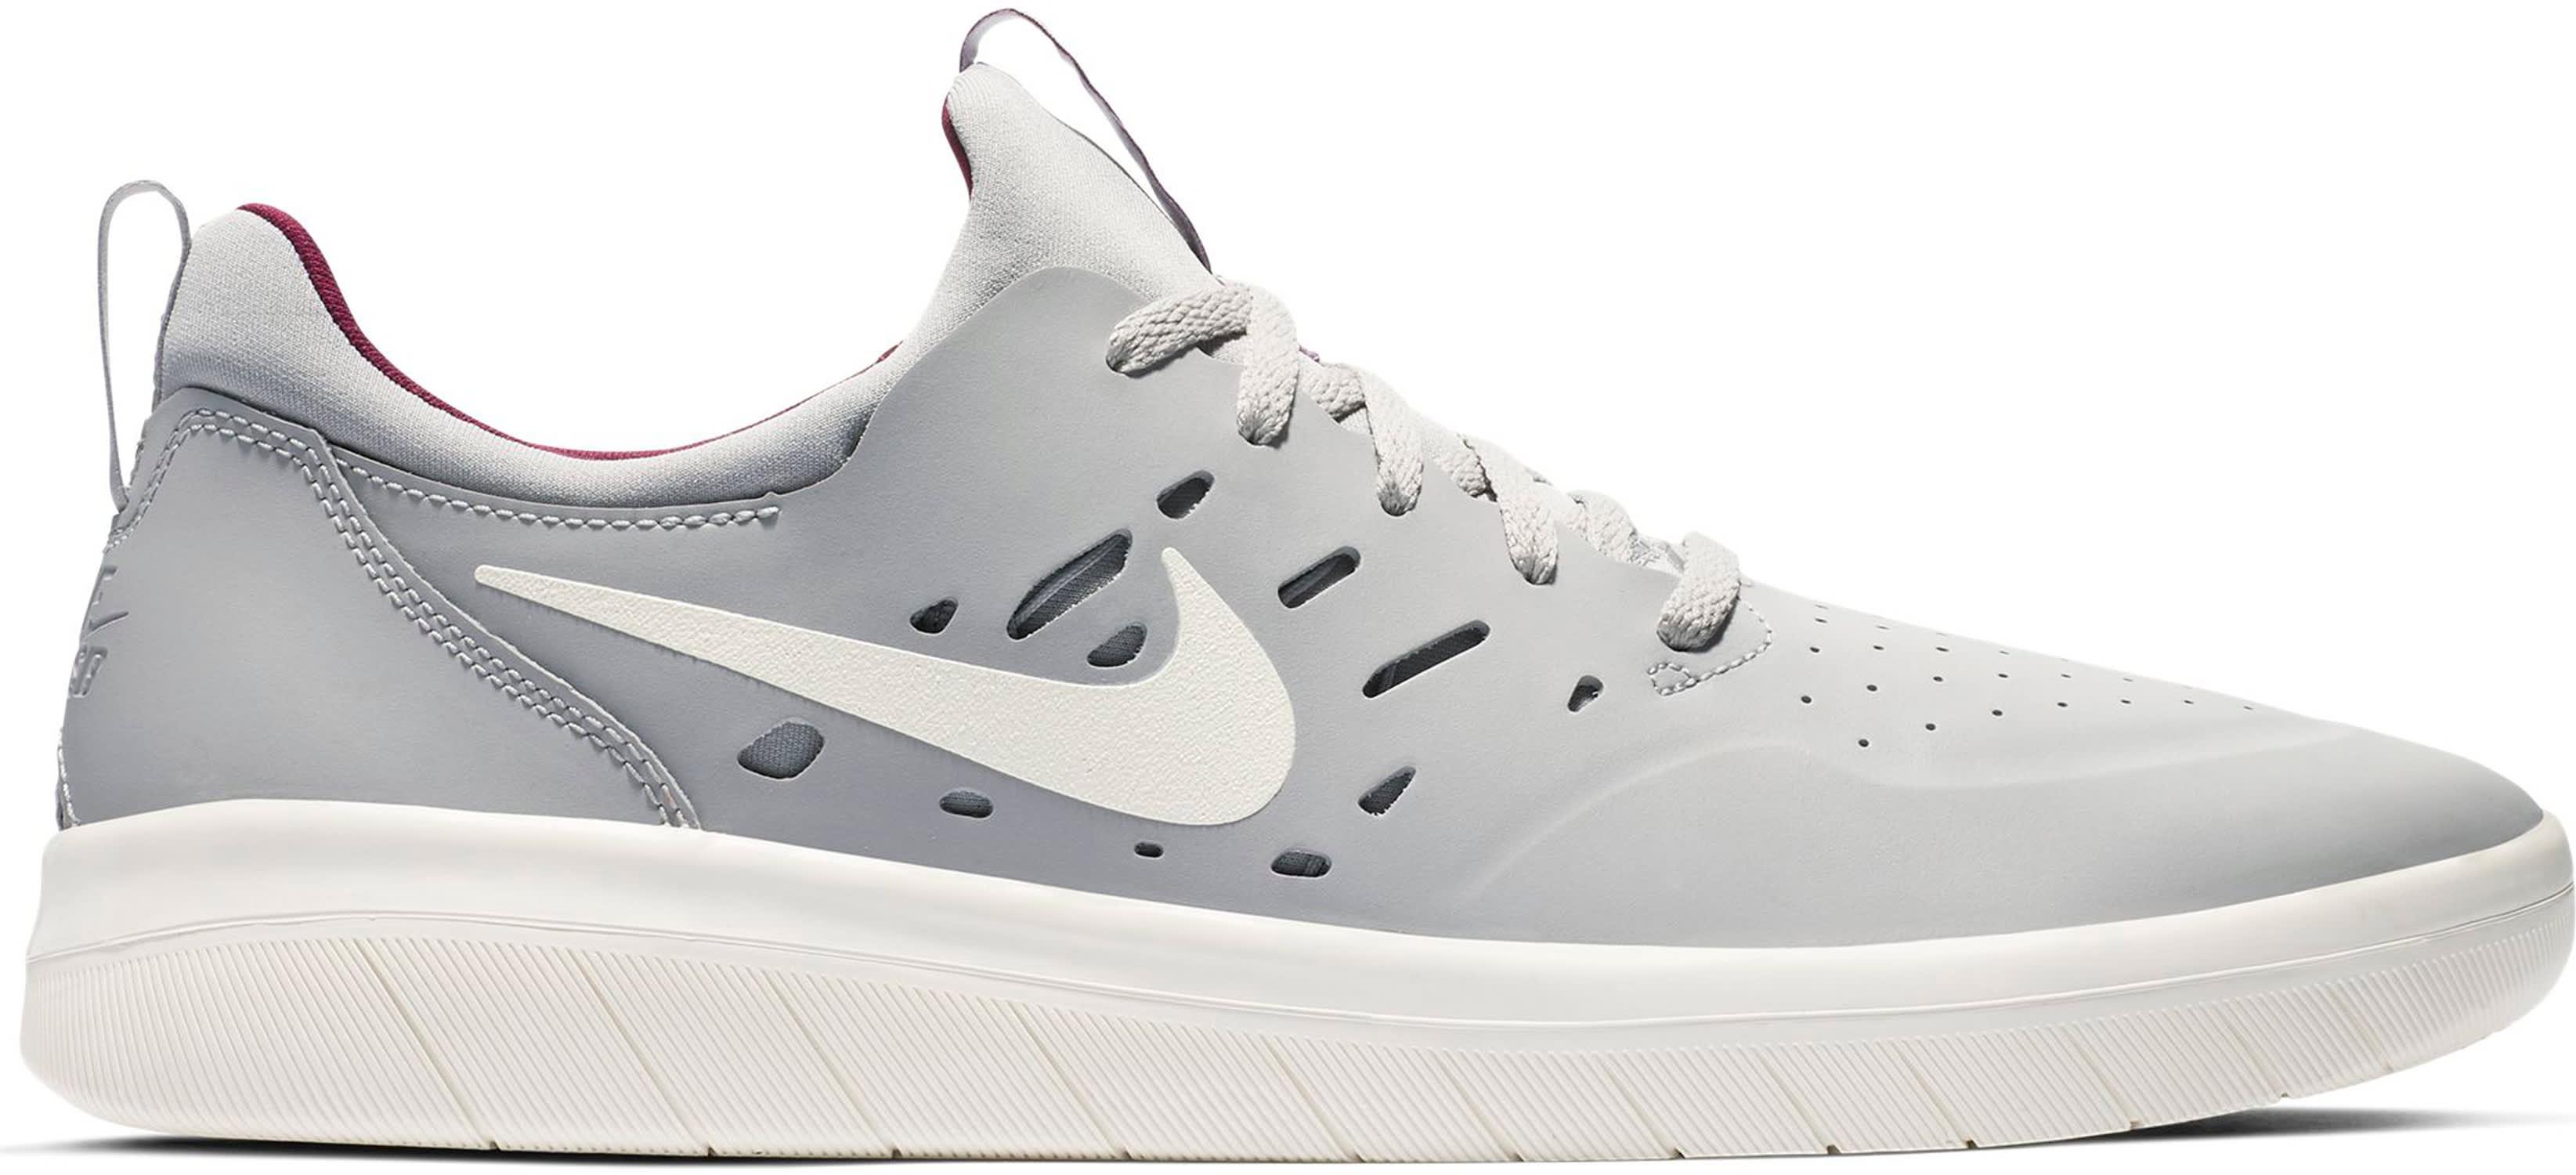 4c40d82716d9 nike-nyjah-free-skate-shoes-atmosphere-grey-pale-ivory-true-berry-19.jpg